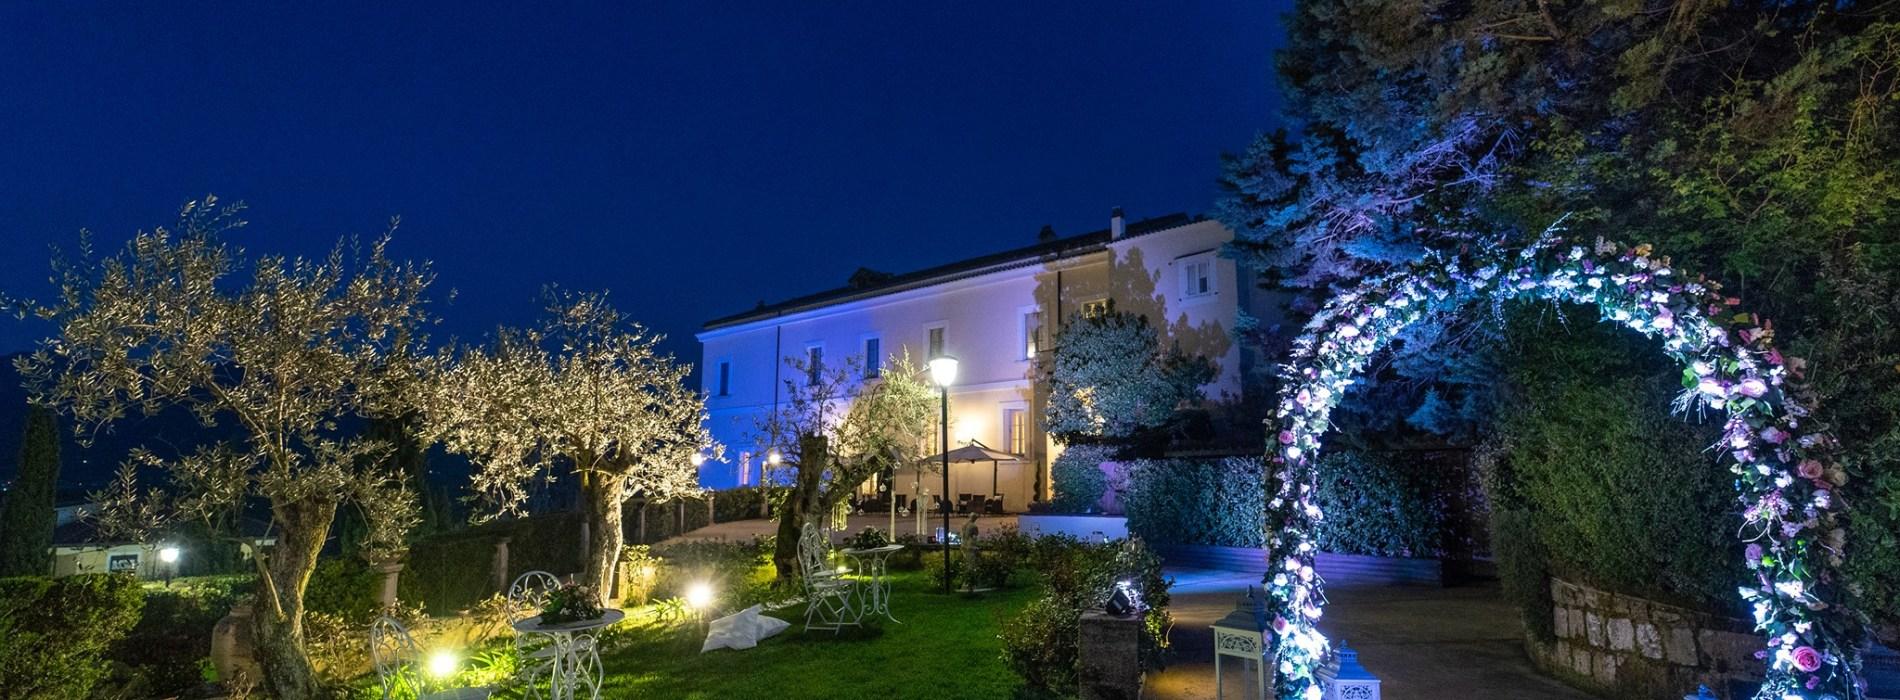 Una notte al Castello, enogastronomia a Castel Campagnano